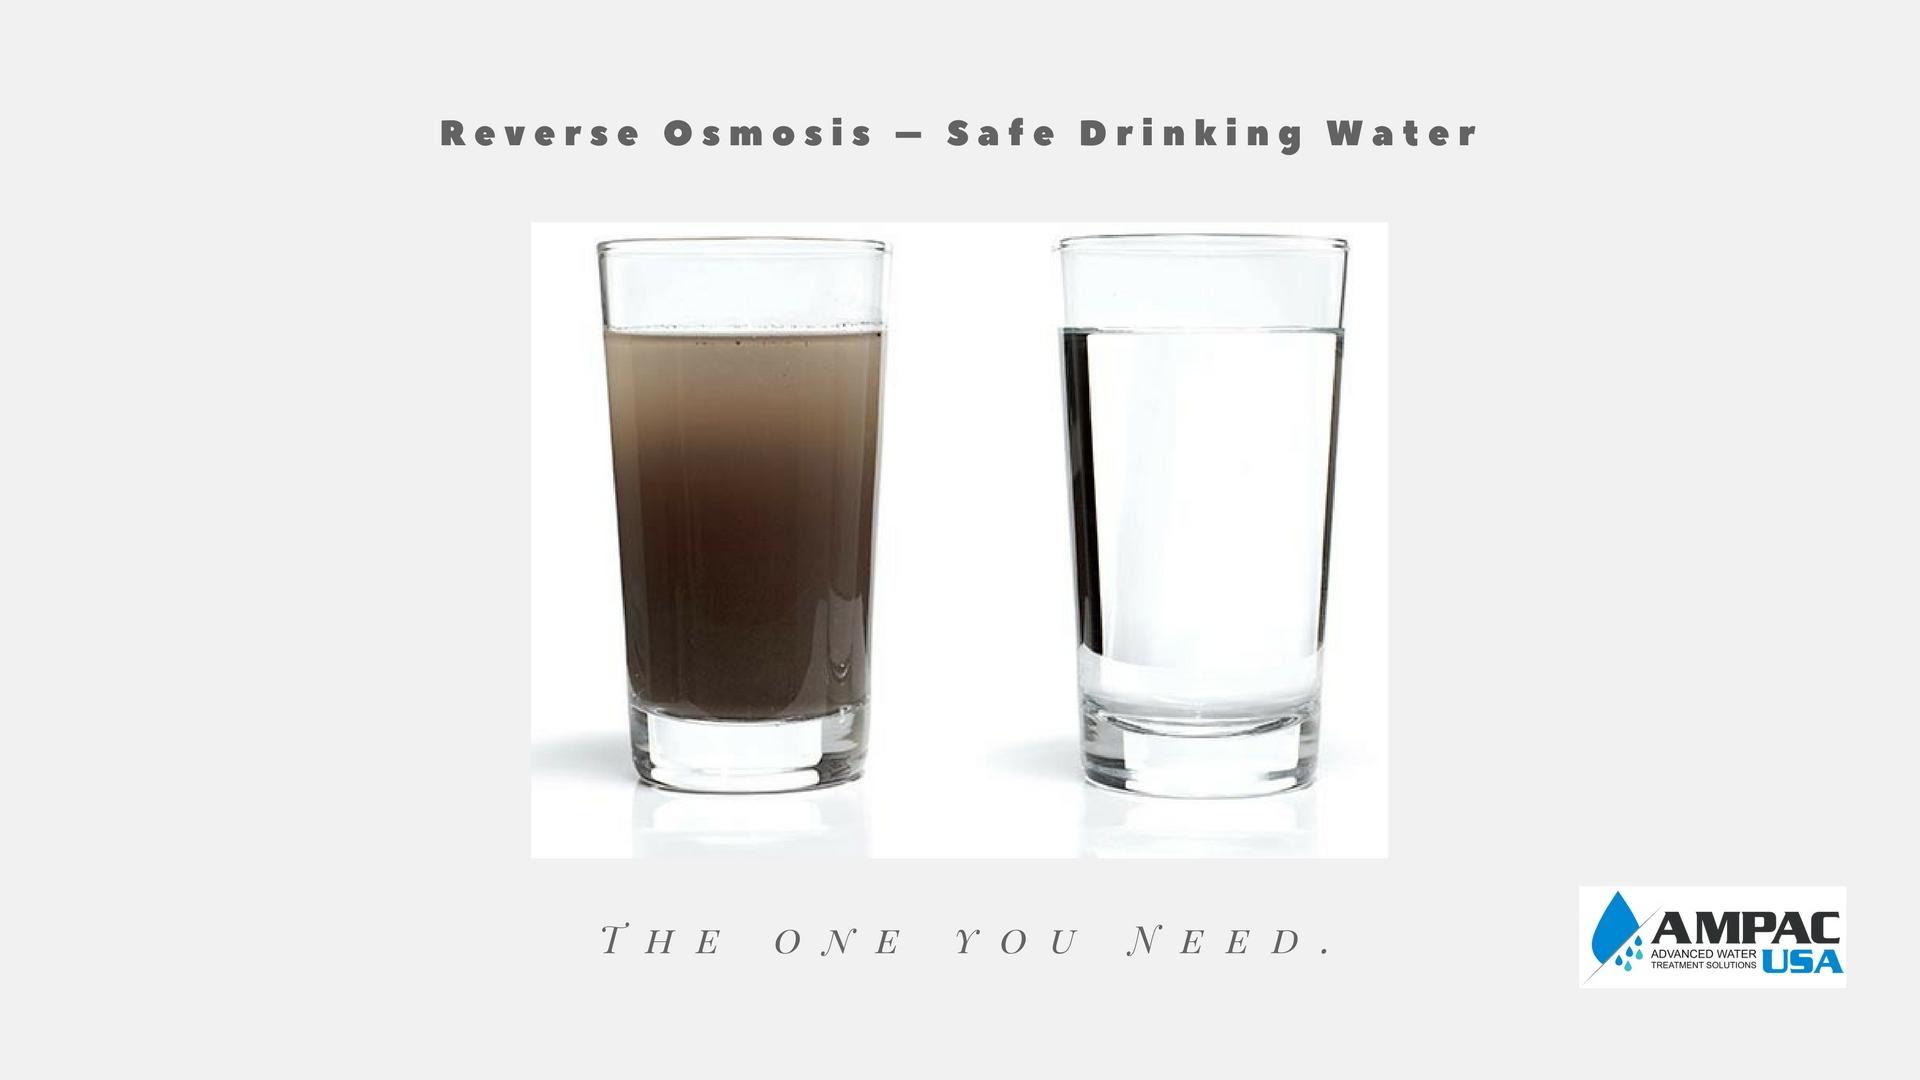 Reverse Osmosis – Safe Drinking Water Ampac USA